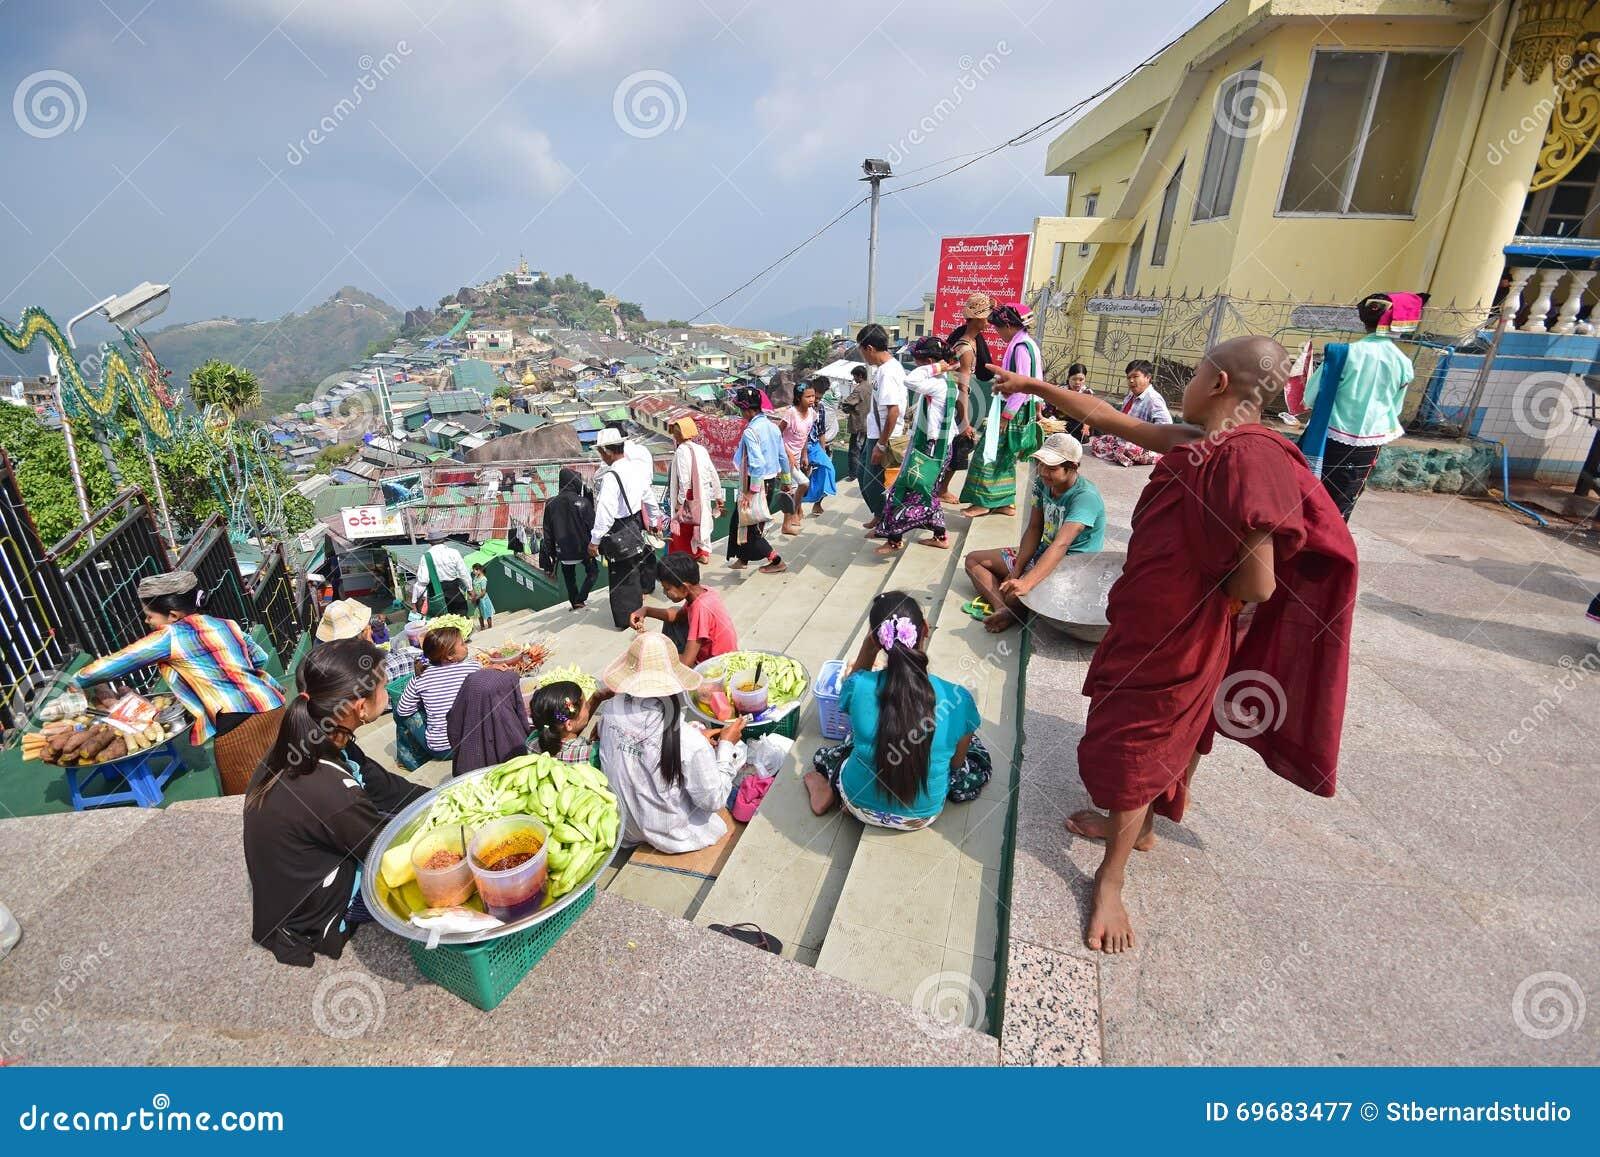 Молодой маленький буддийский монах указывая где-то afar пока паломники проходя мимо & поставщики продавая закуски вдоль лестниц